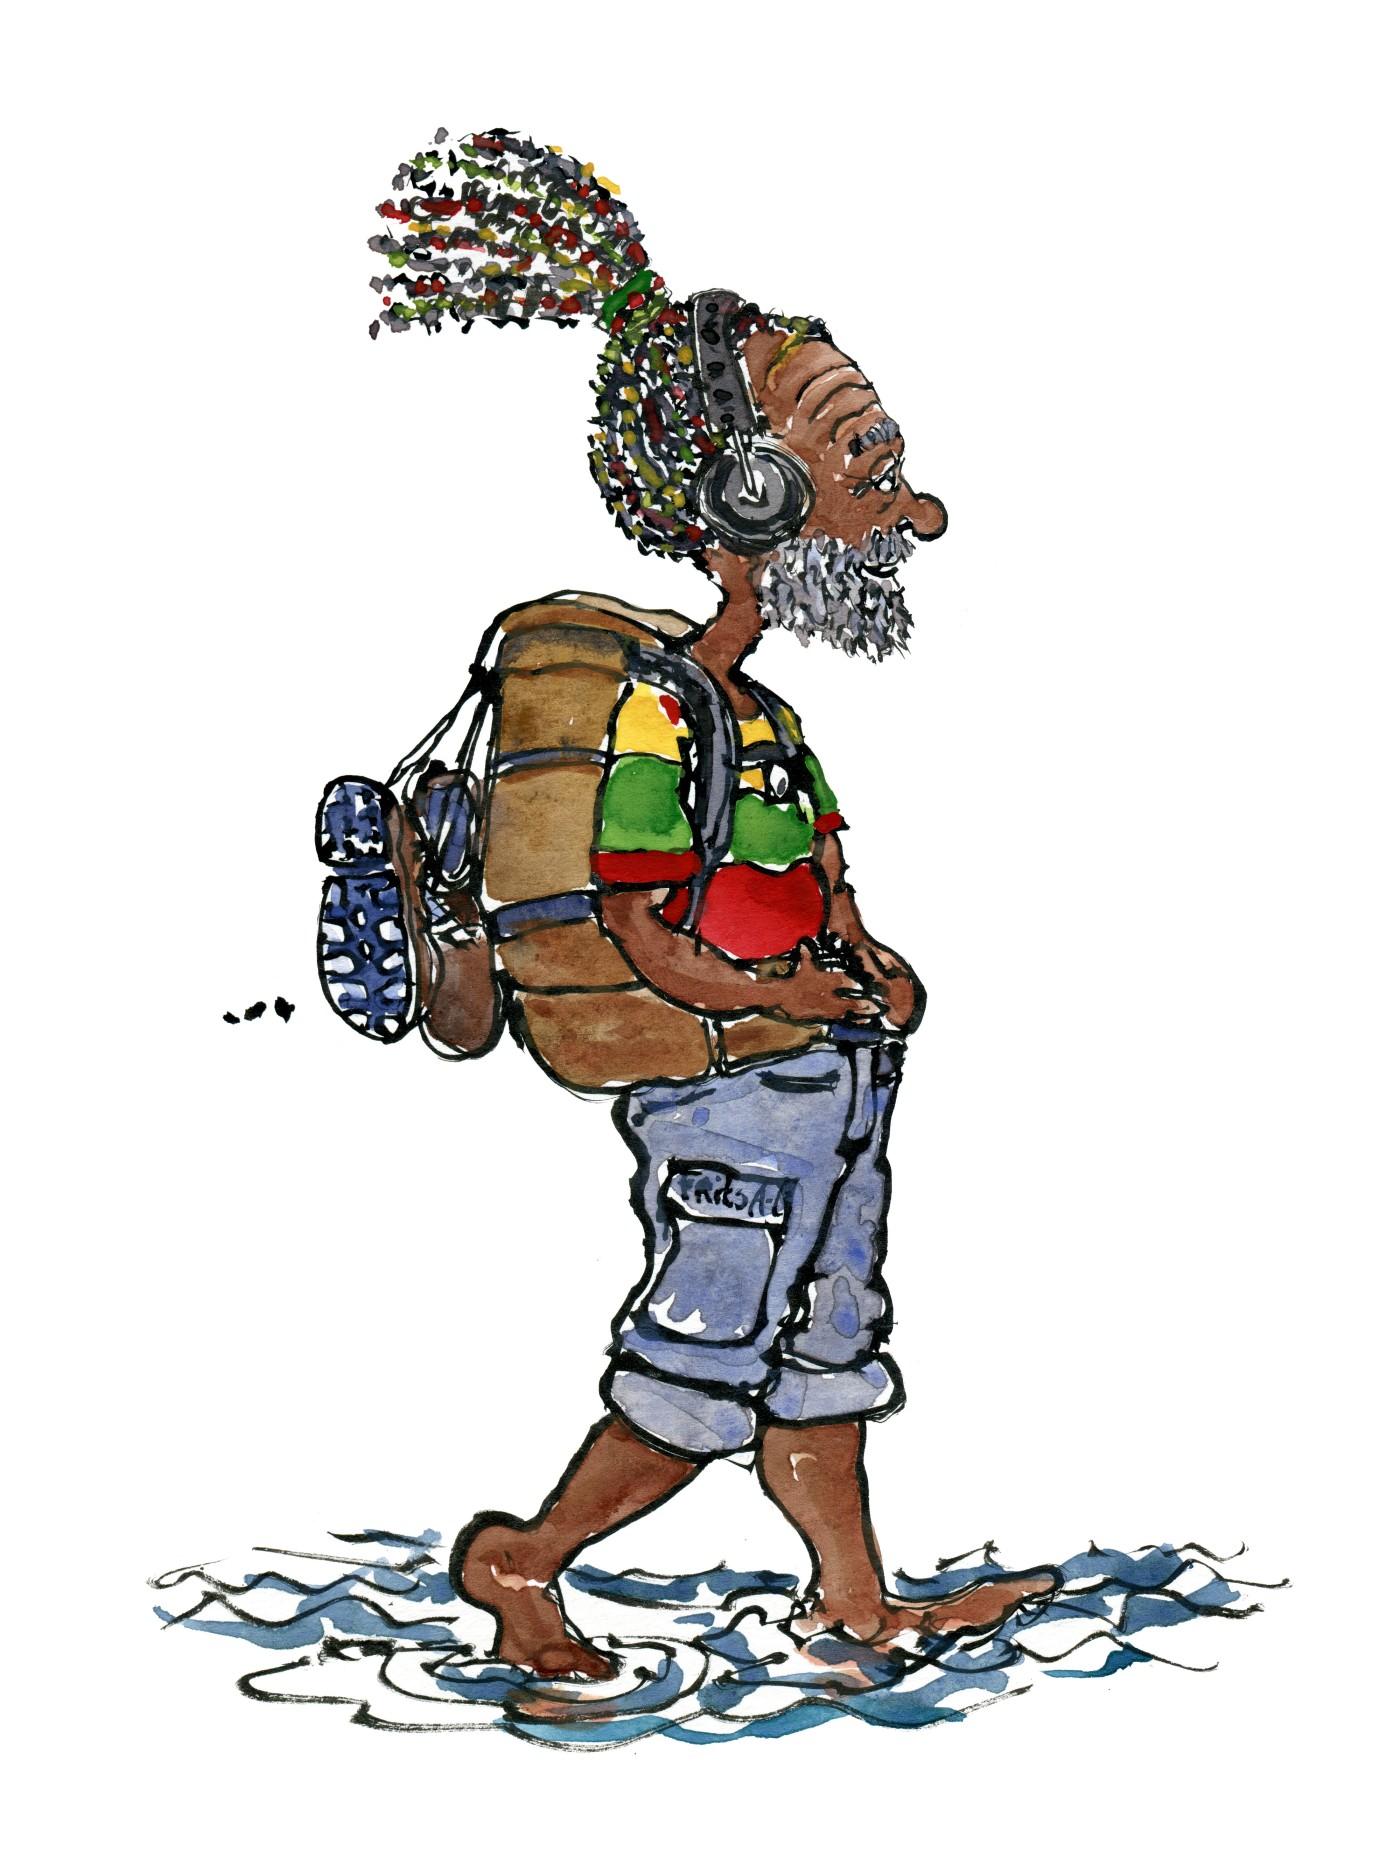 Illustration af rasta vandrer med hovedtelefoner og bare tæer i vandkanten. Tegning af Frits Ahlefeldt